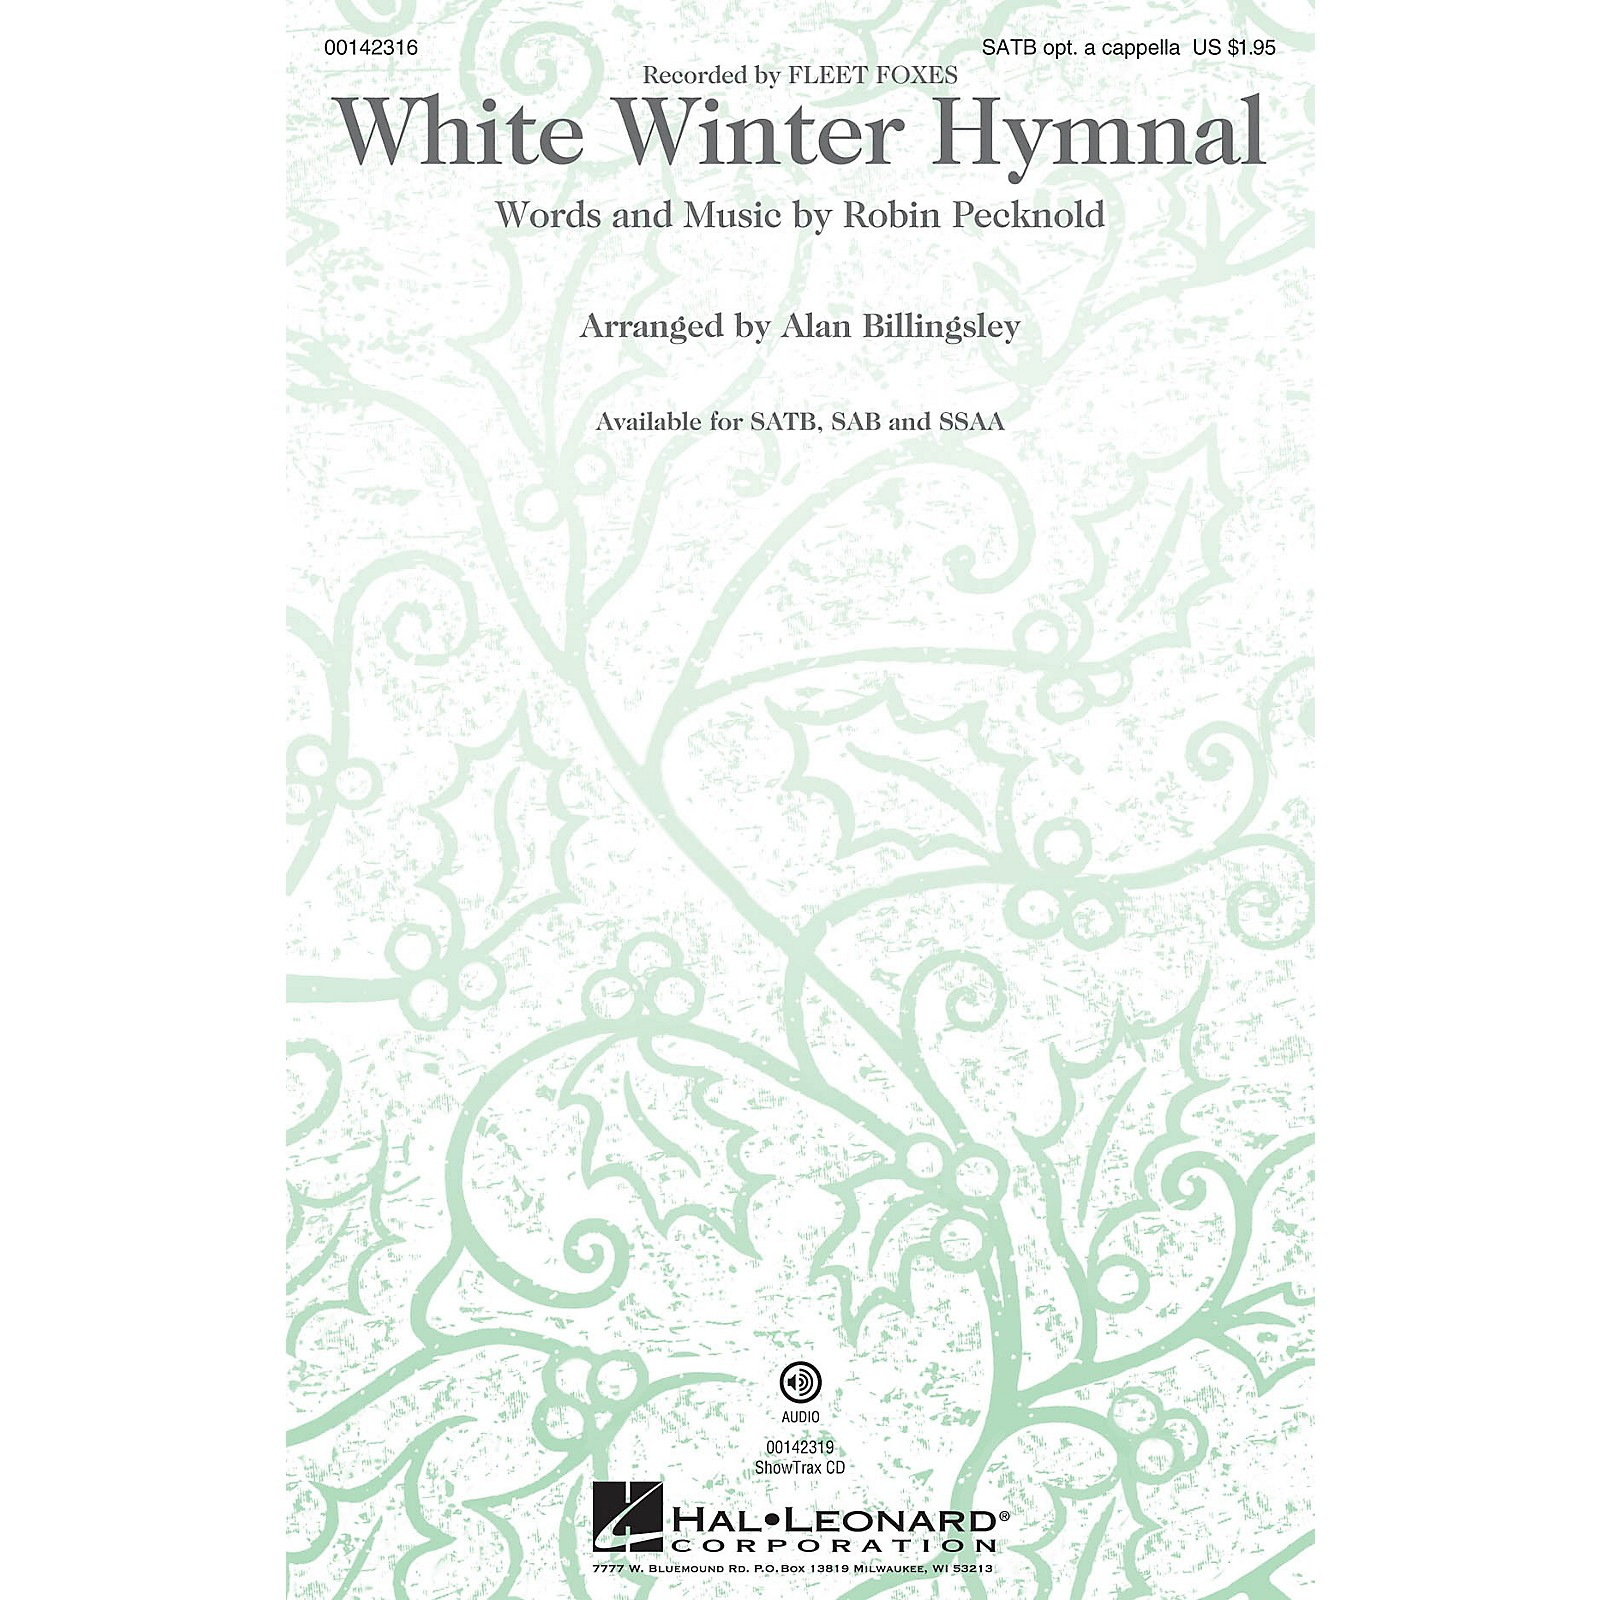 Hal Leonard White Winter Hymnal SATB by Fleet Foxes arranged by Alan Billingsley